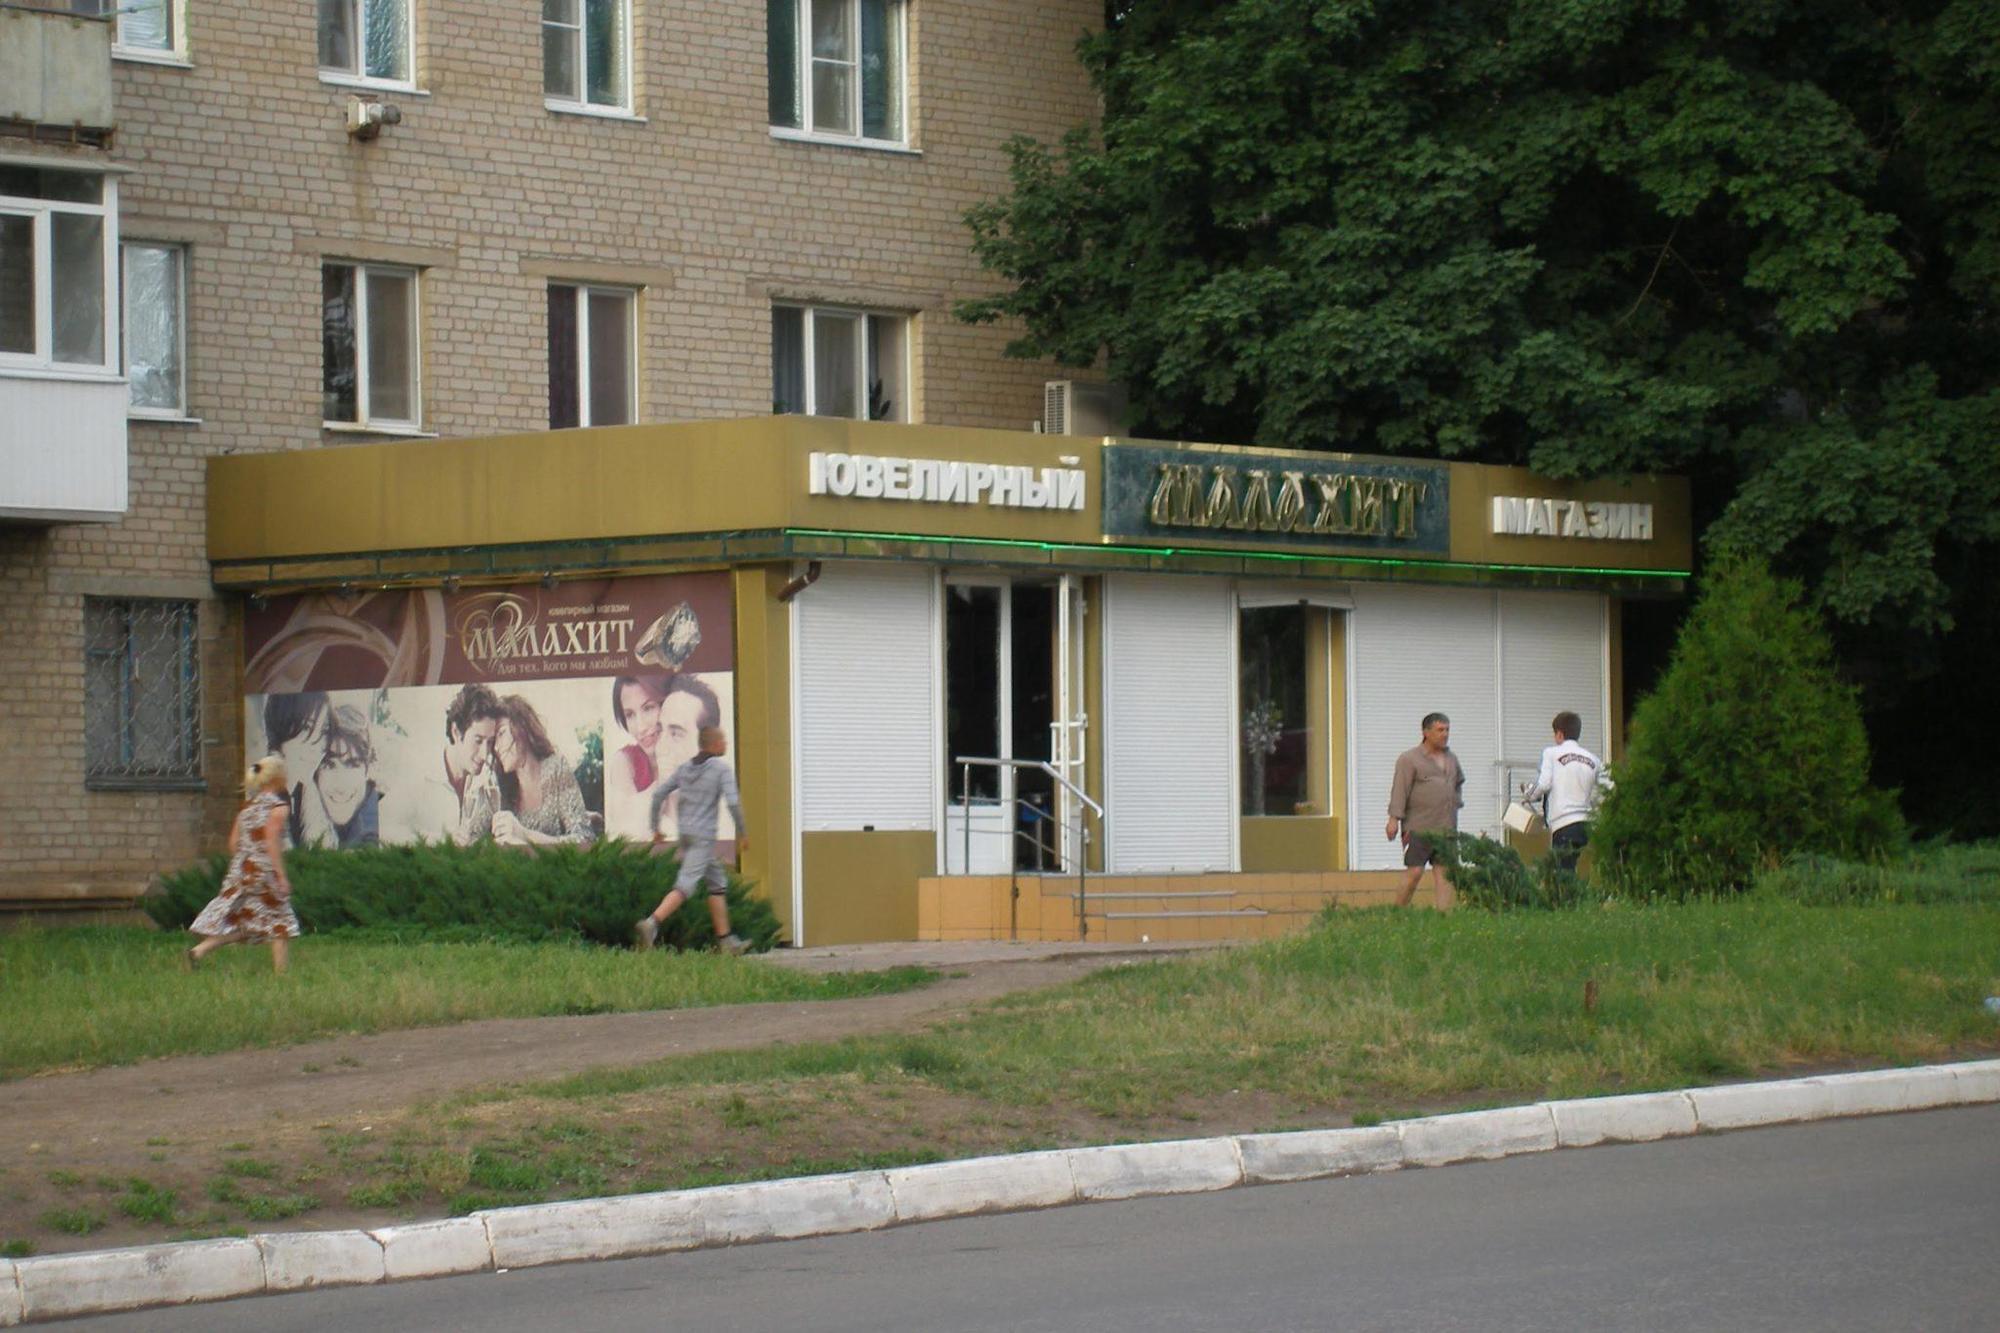 ювелірний магазин окупація ДНР Бахмут